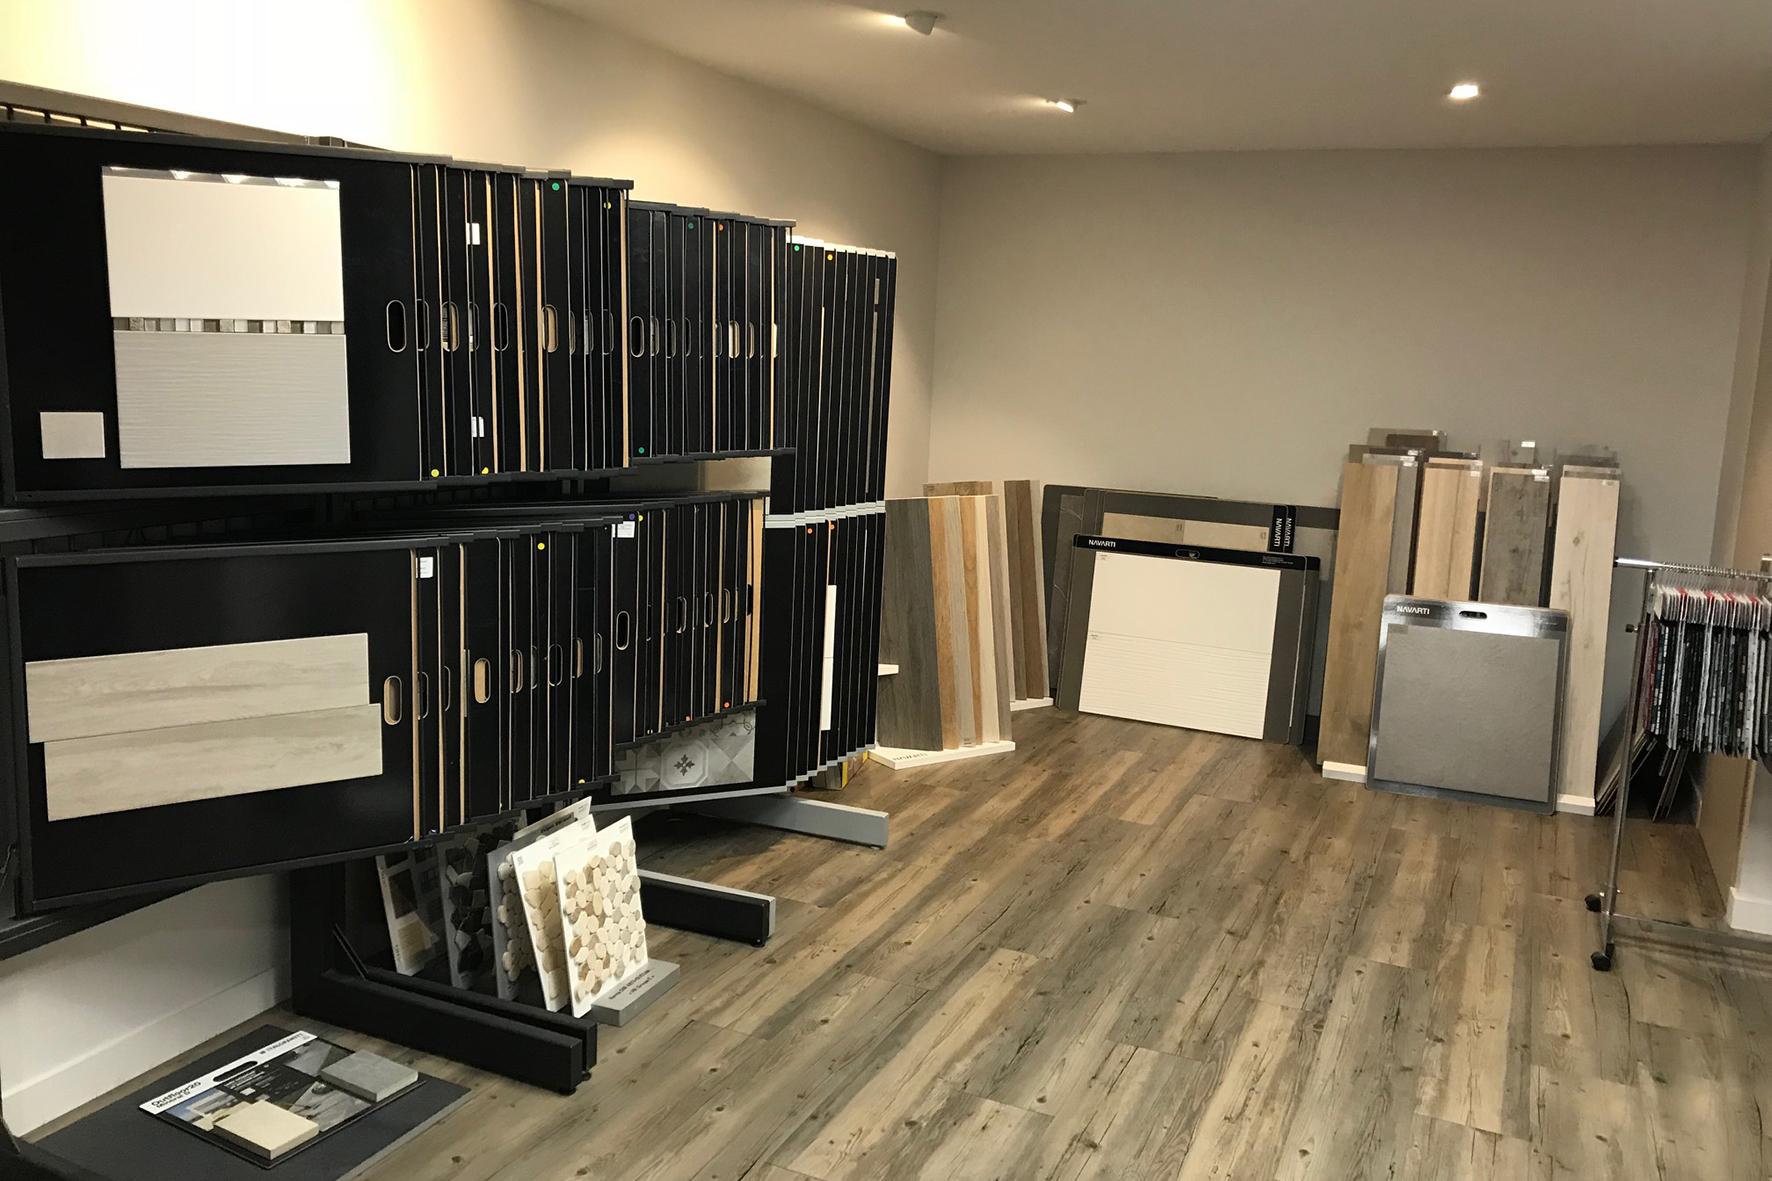 carrelage parquet comment bien choisir dans le show room trecobat. Black Bedroom Furniture Sets. Home Design Ideas